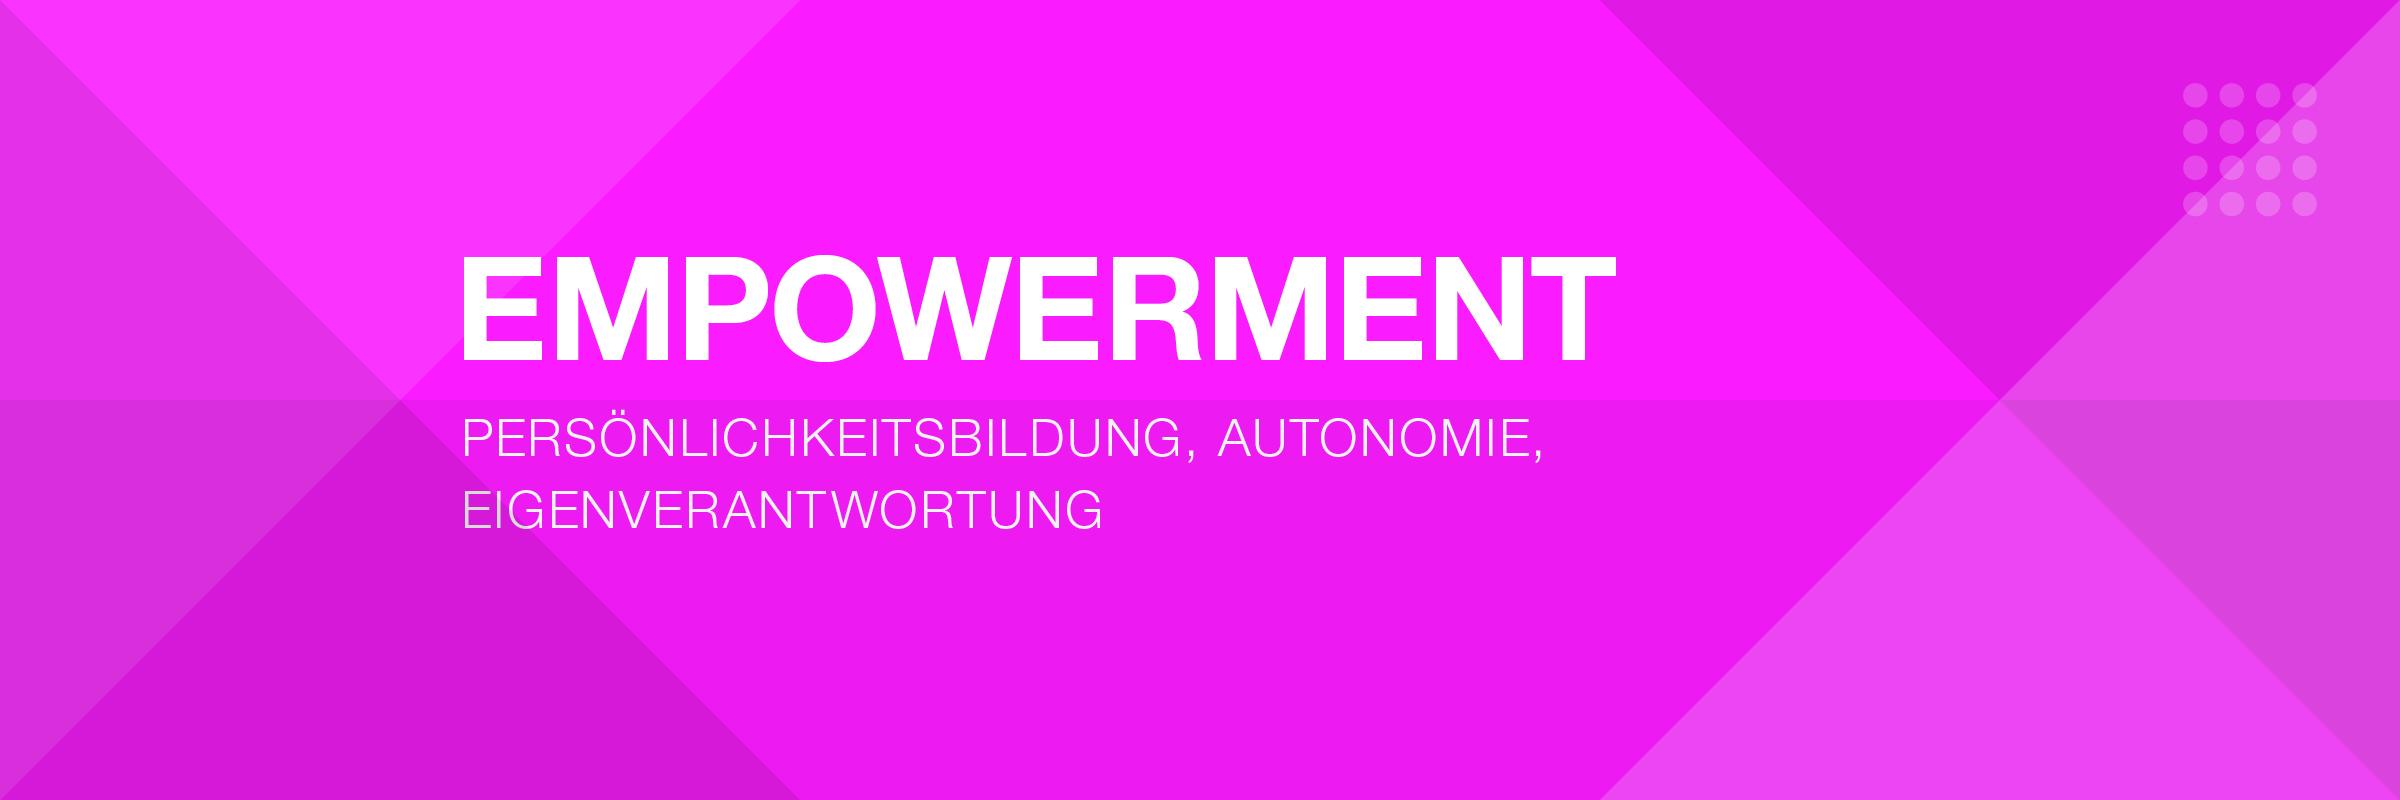 Empowerment - Persönlichkeitsbildung, Autonomie, Eigenverantwortung